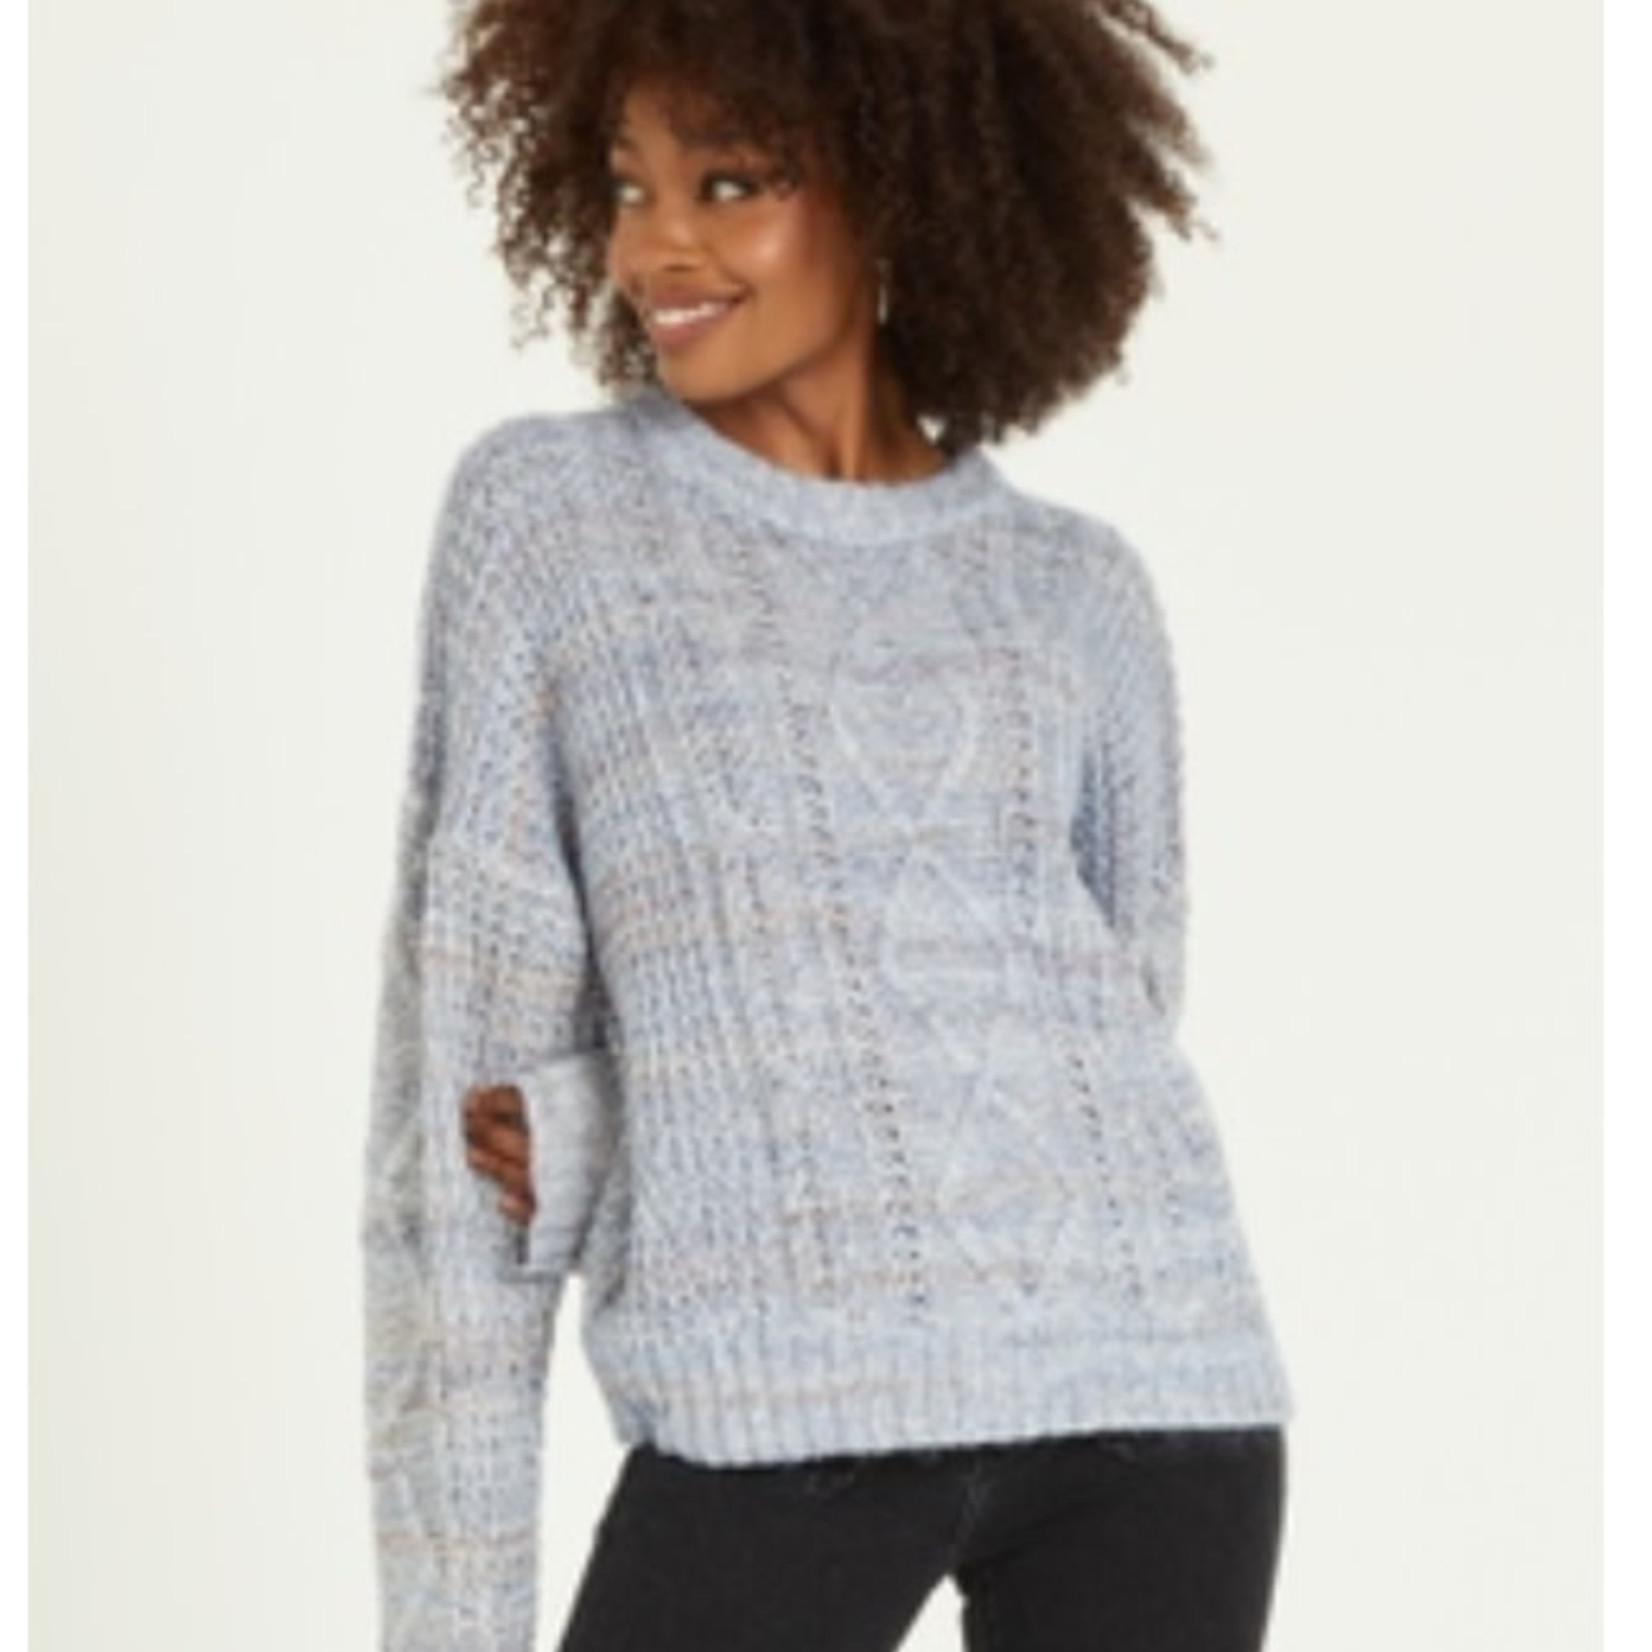 Dear John Dear John Kole Sweater